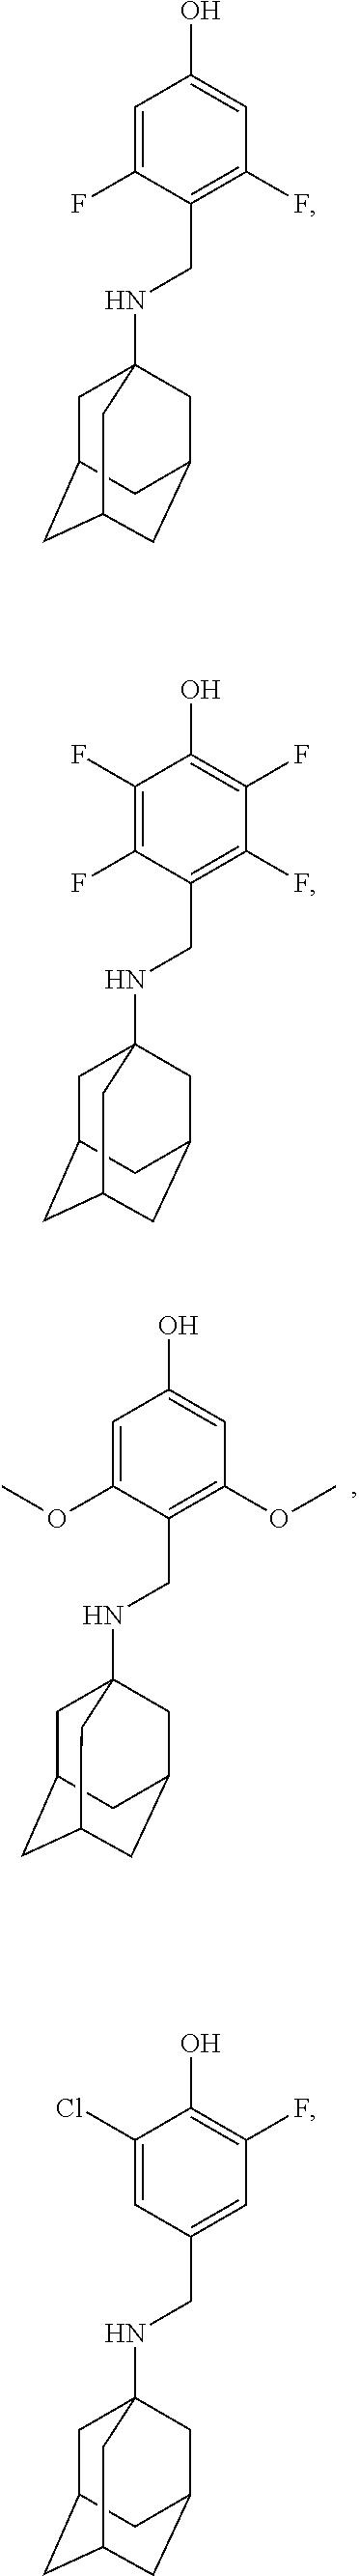 Figure US09884832-20180206-C00020